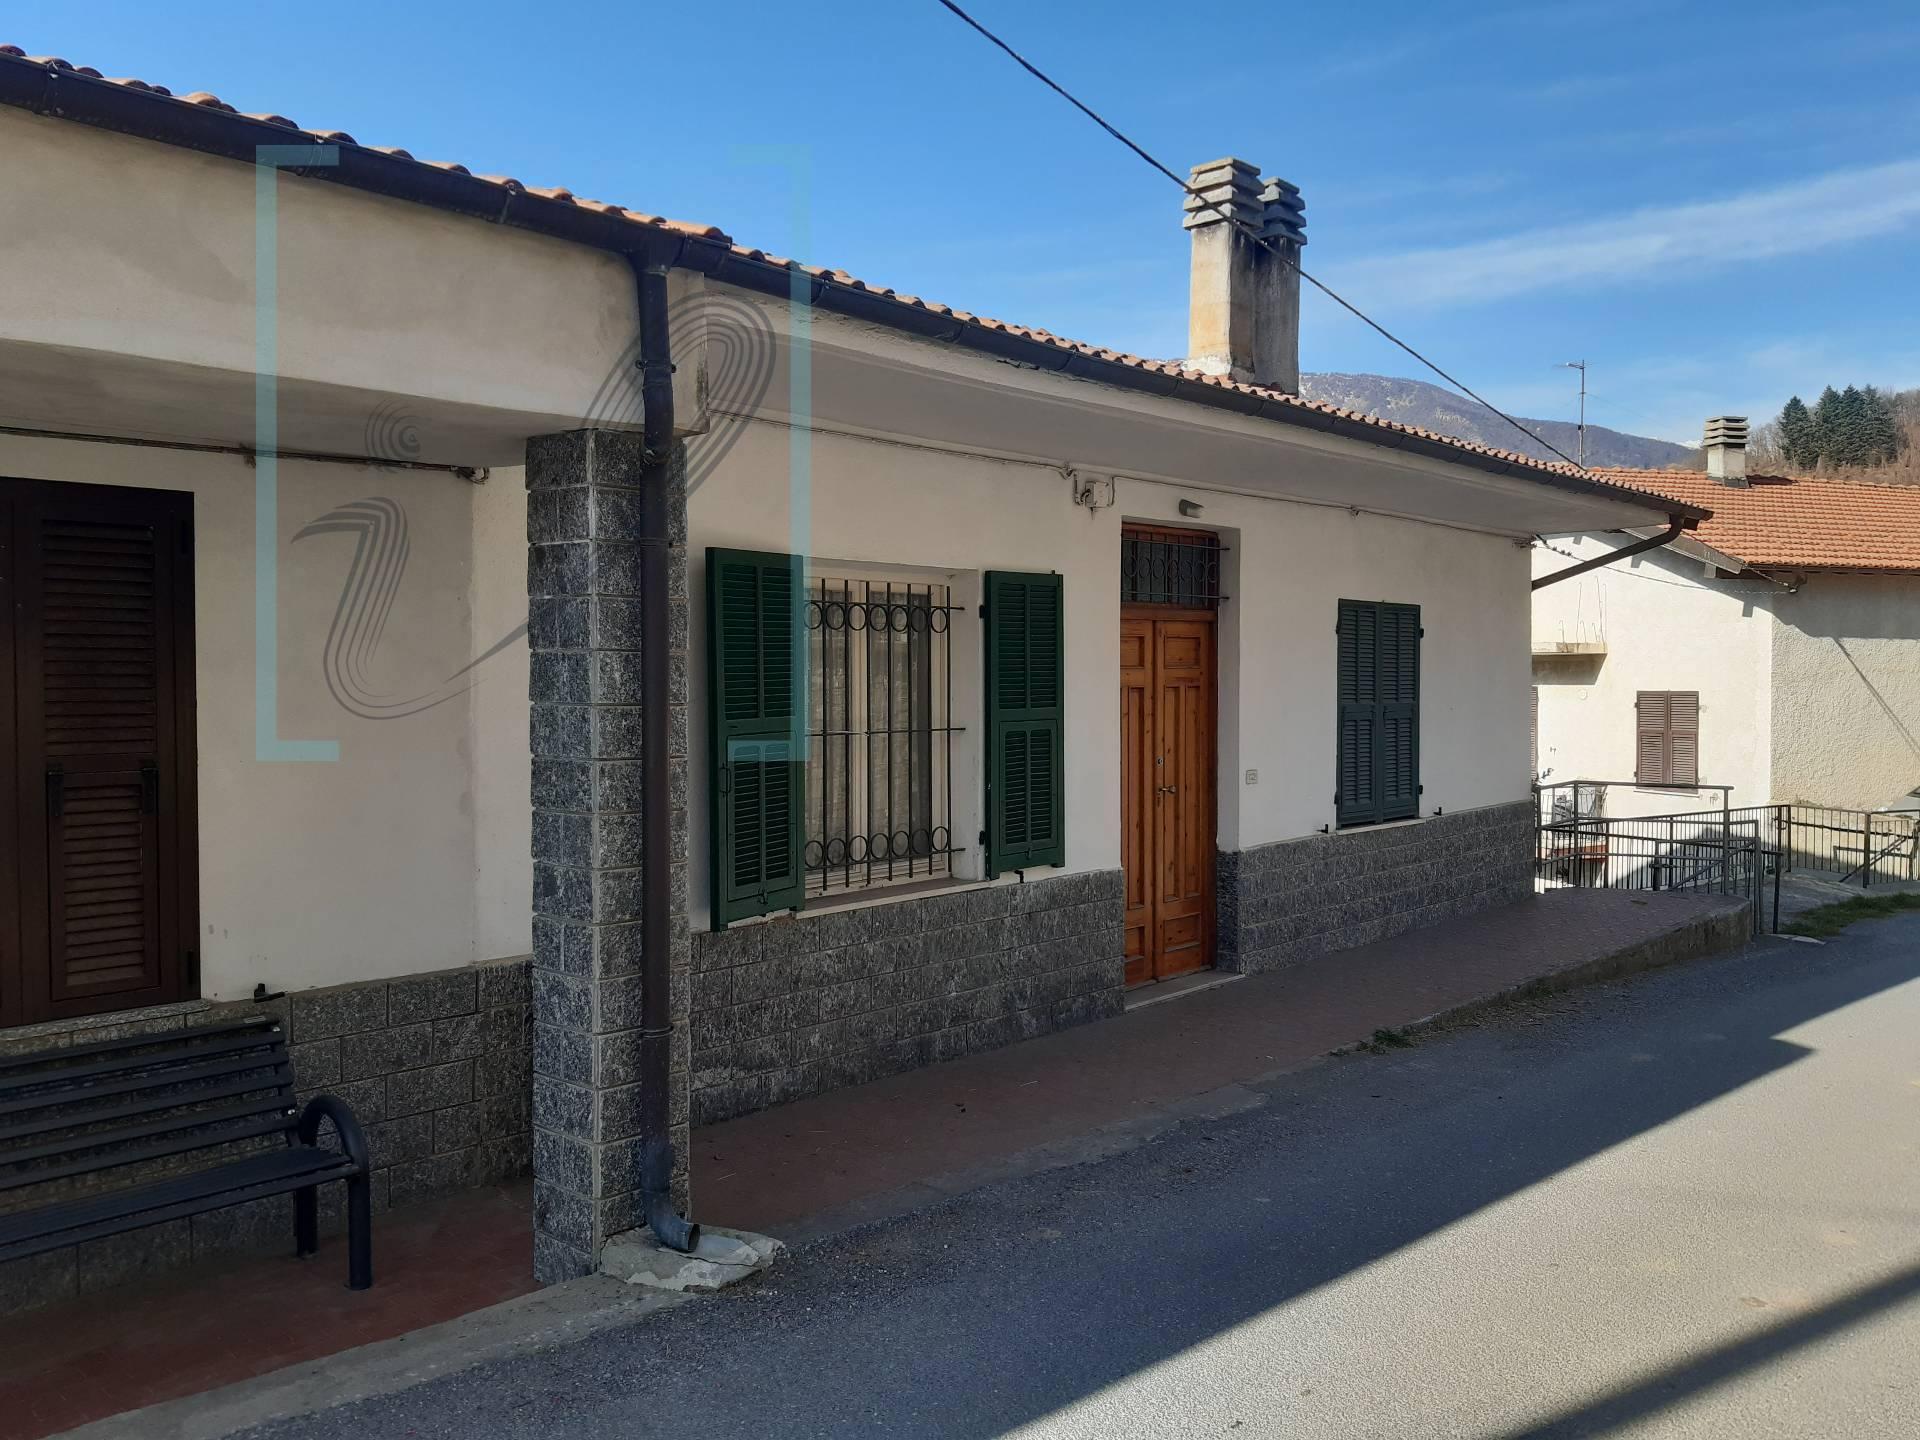 Soluzione Indipendente in vendita a Cosio di Arroscia, 10 locali, prezzo € 66.000 | PortaleAgenzieImmobiliari.it